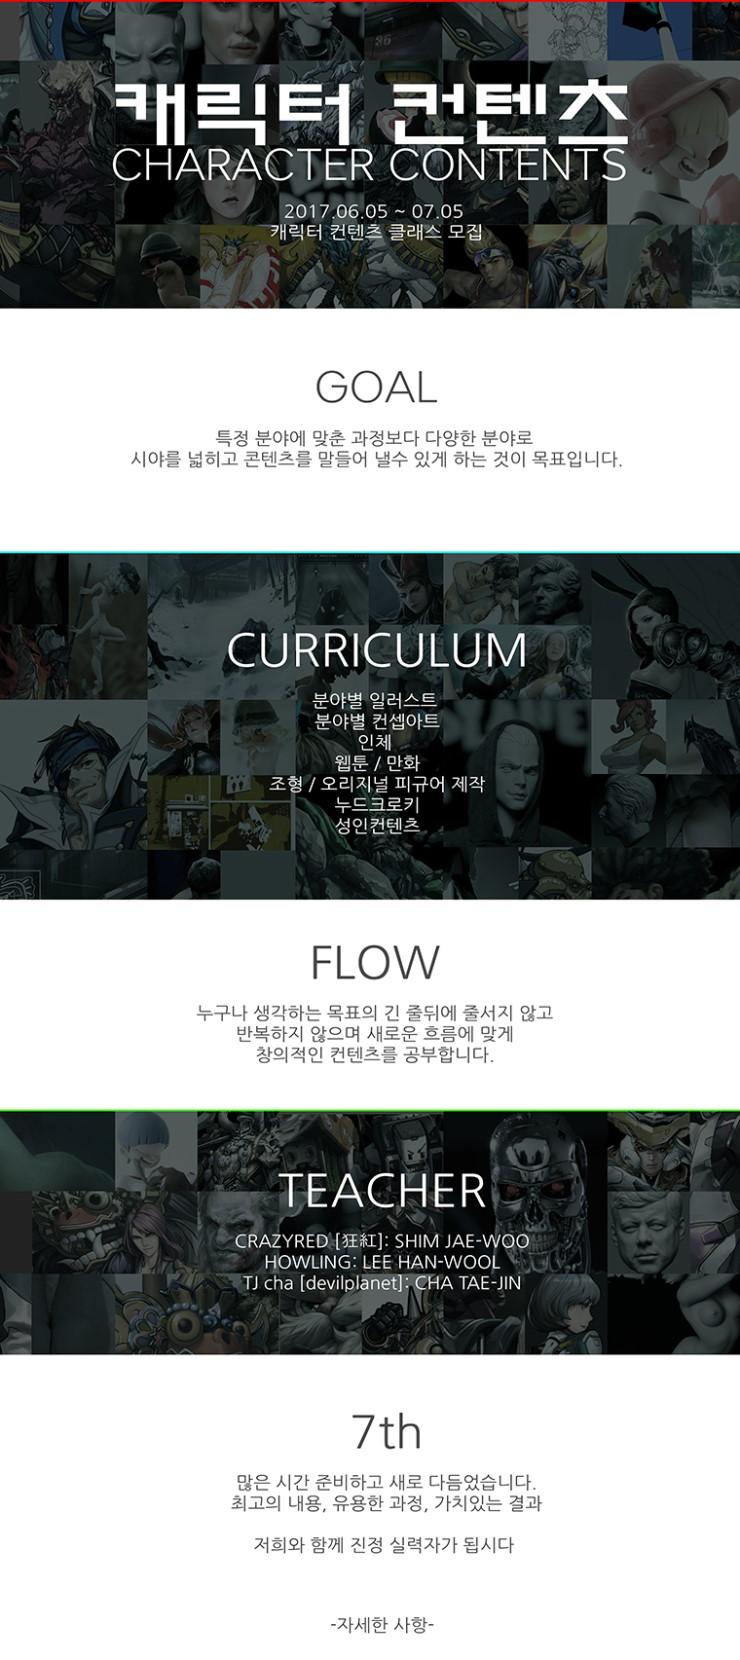 광홍7기 캐릭터 컨텐츠 클래스 모집합니다.